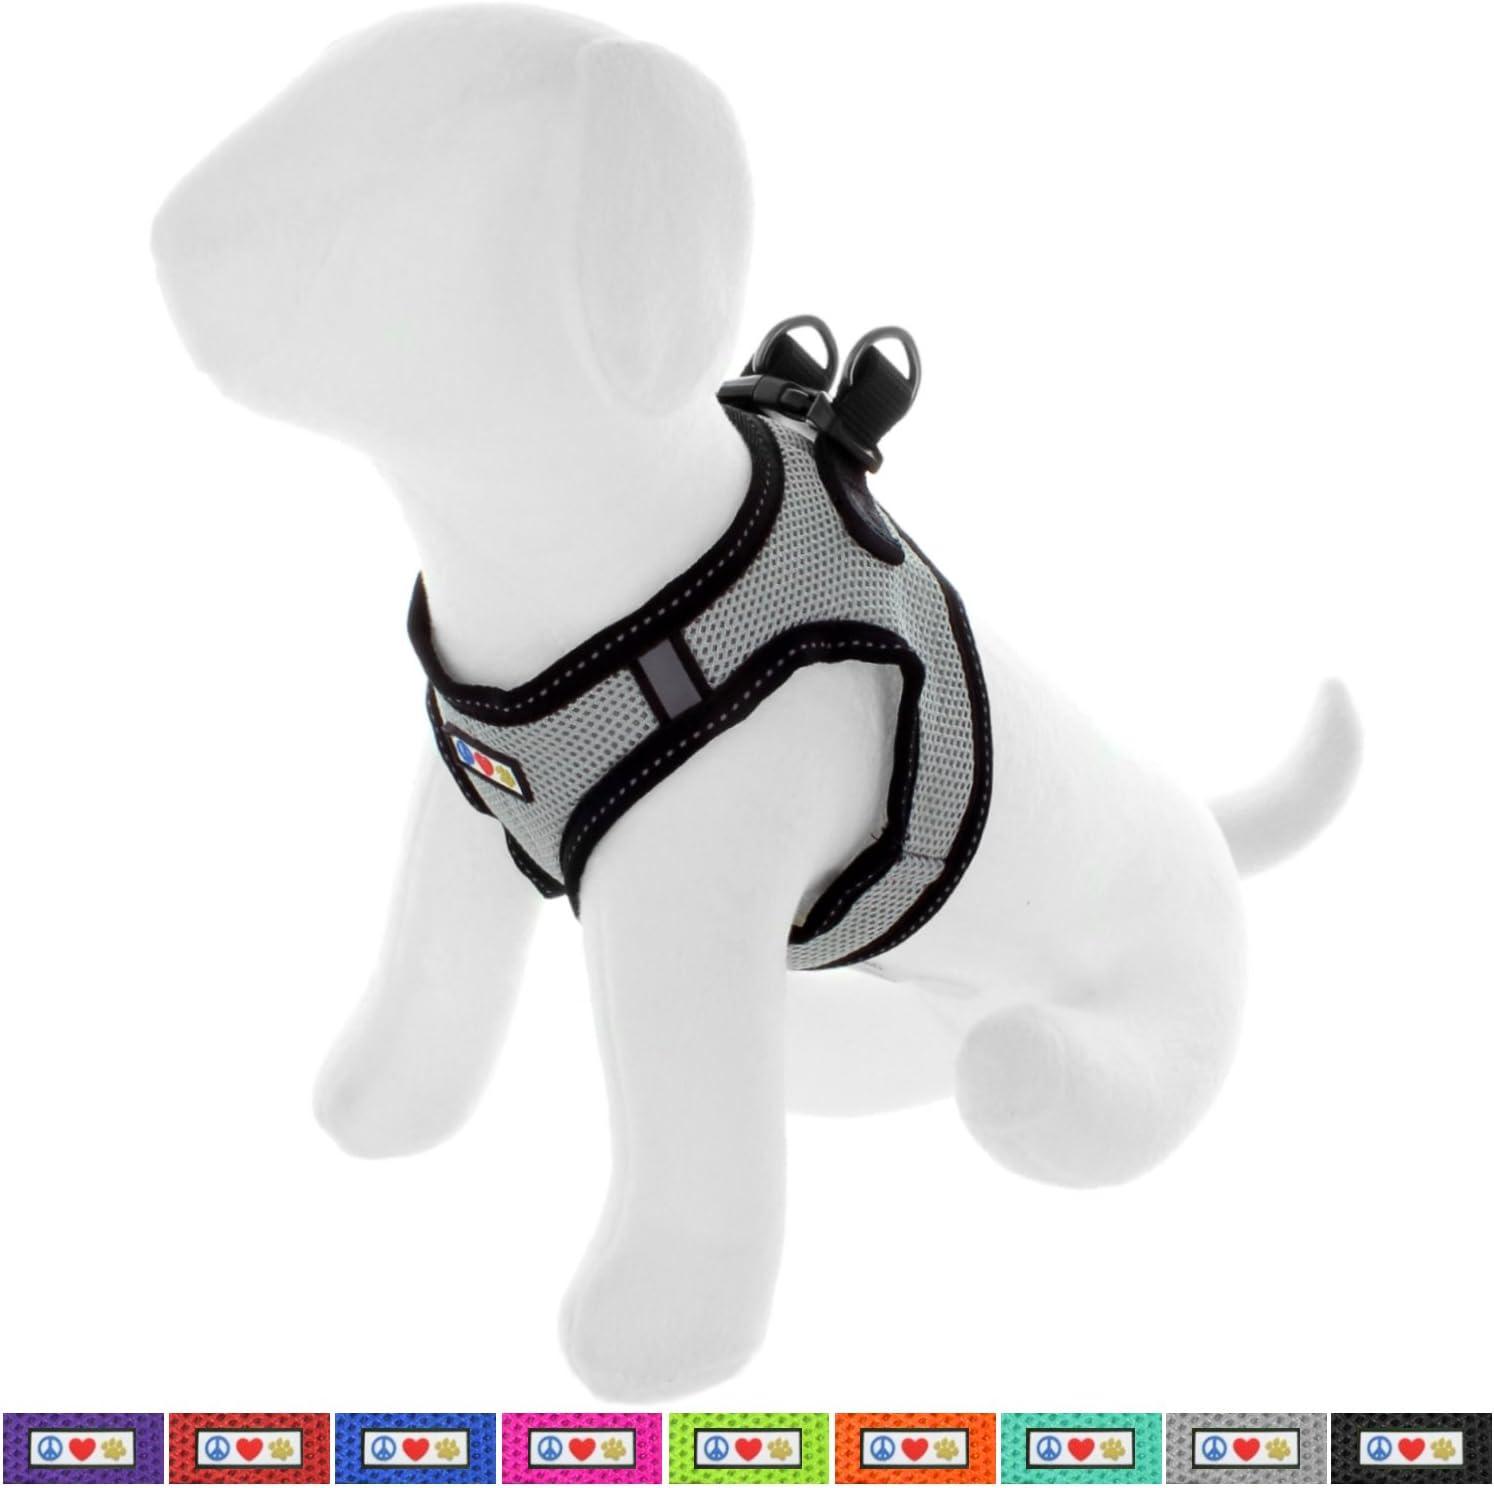 Pawtitas Arnes de Tela Antitirones Perro y Cachorros, Chaleco Acolchado para Mayor Comodidad, diseño Resistente, Ajustable y Transpirable Extra Pequeño Gris